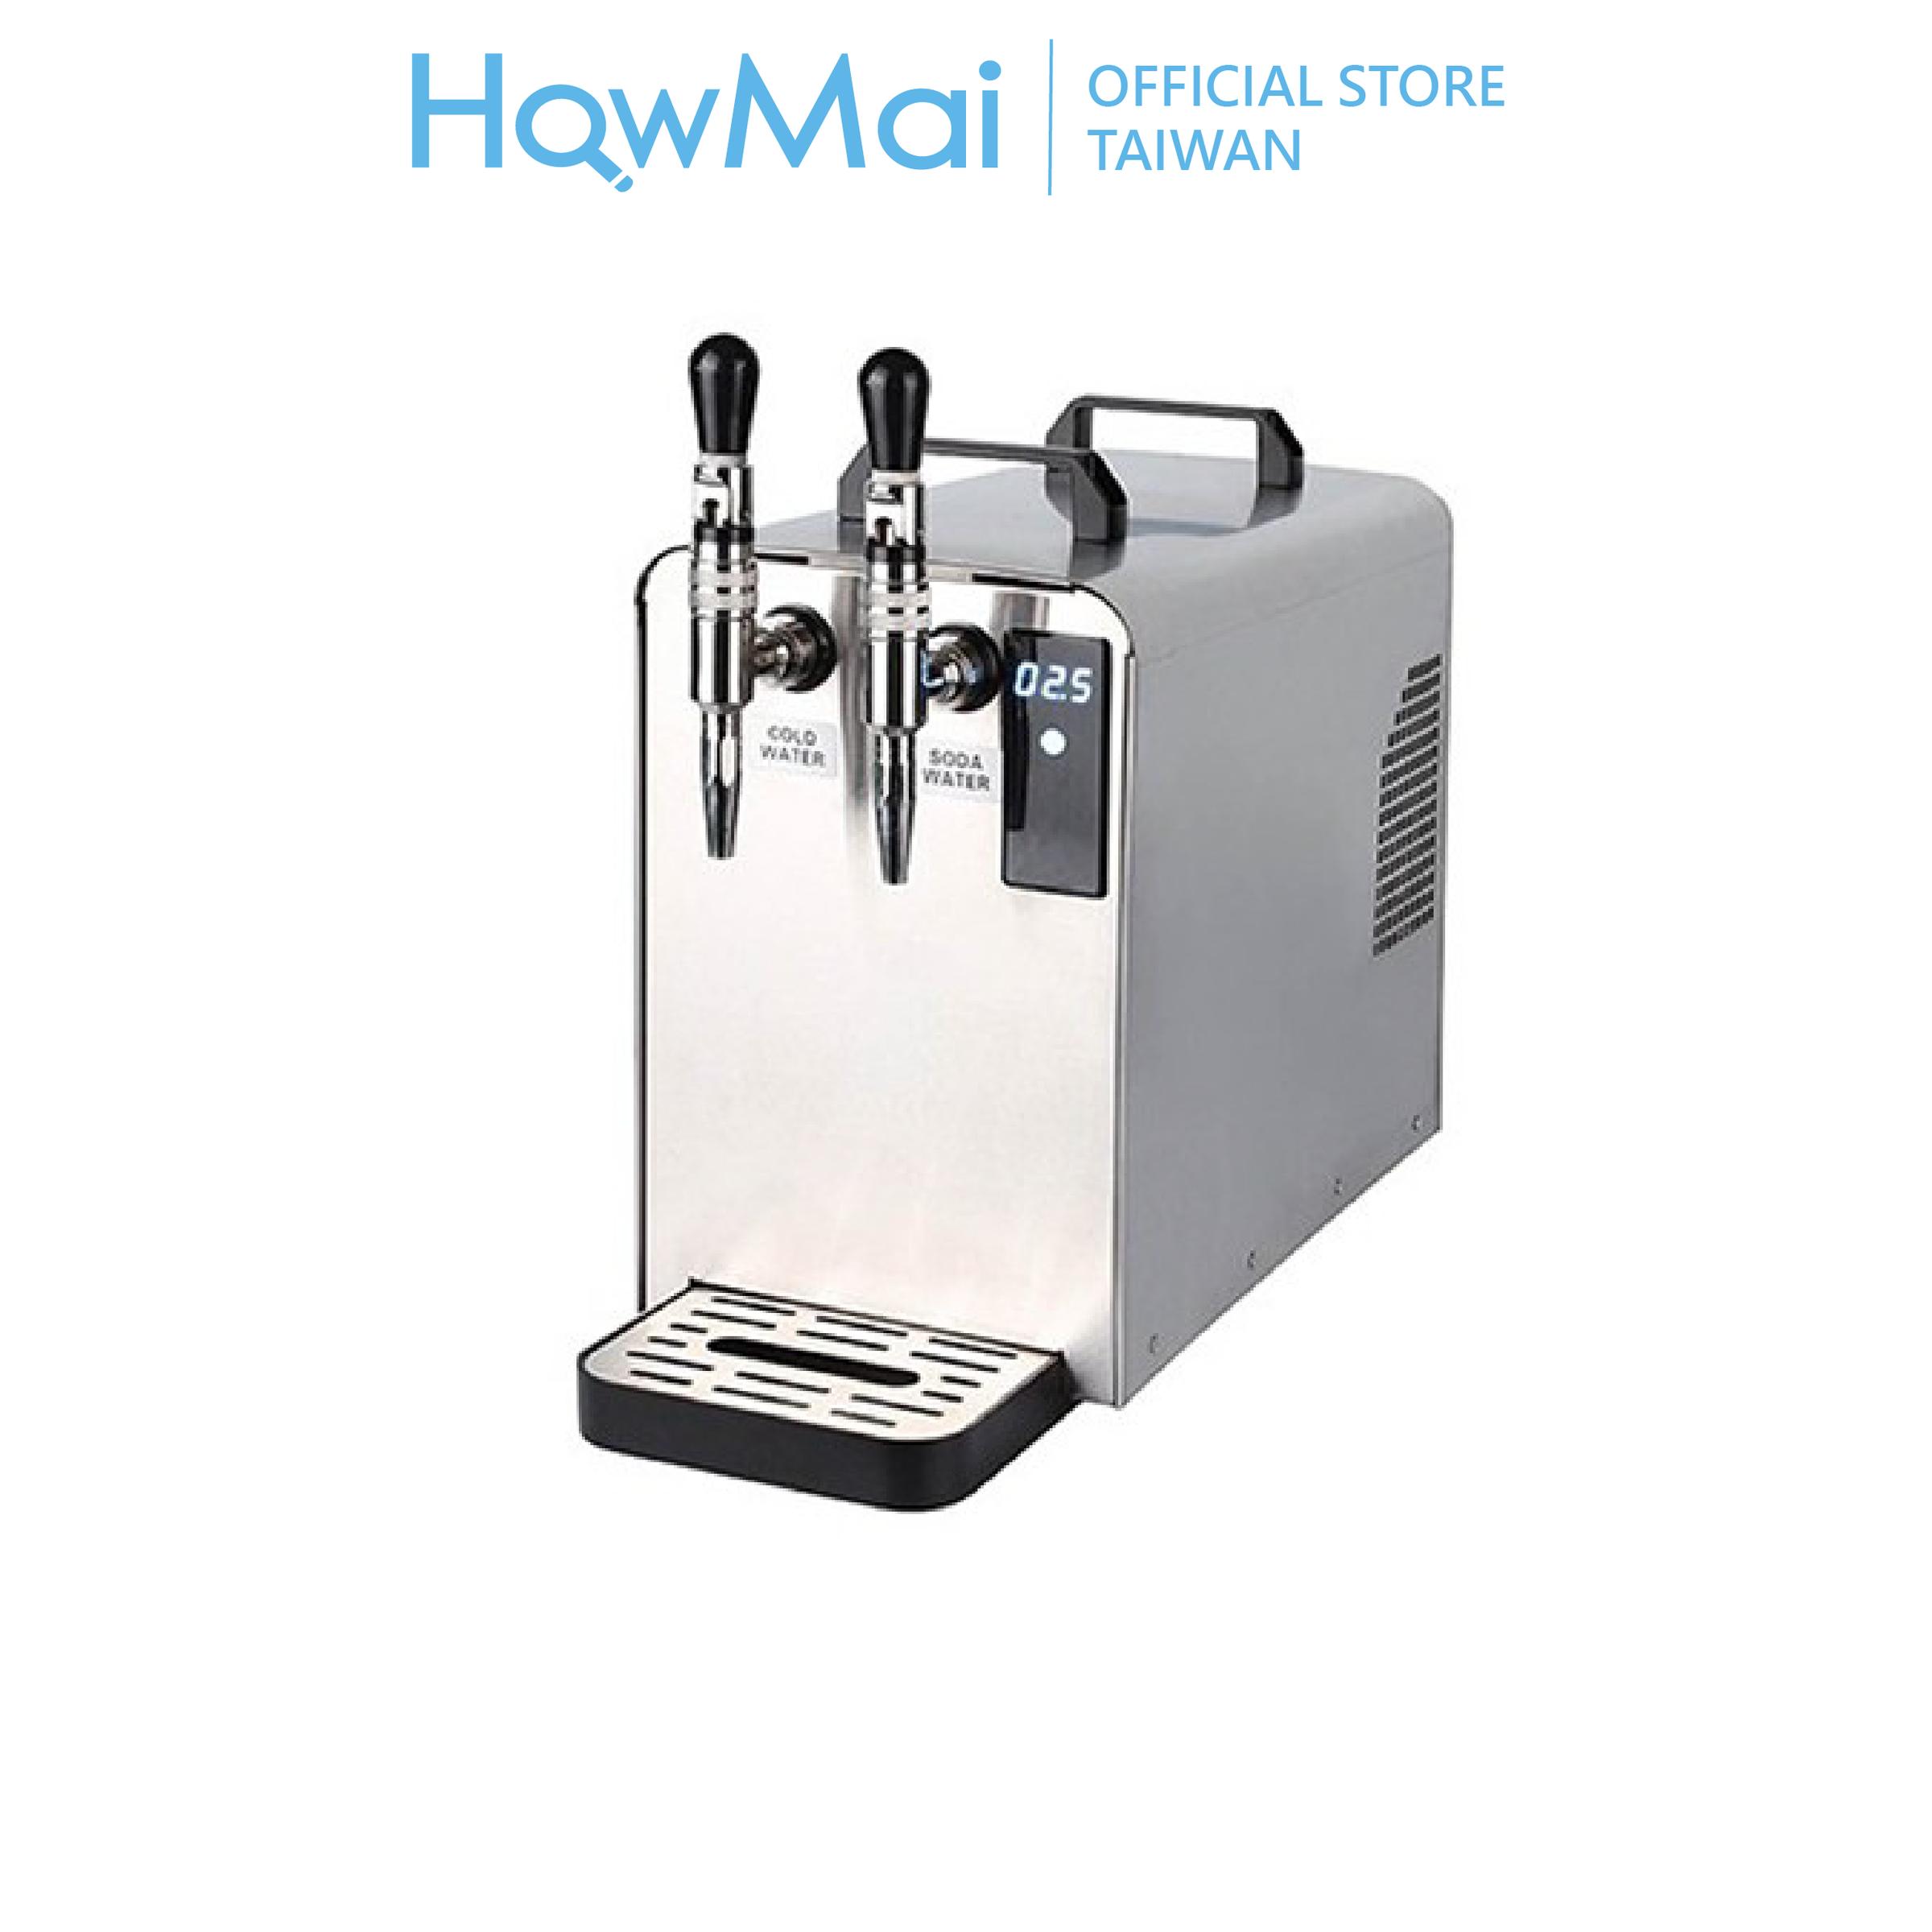 [G-Water]Máy làm soda Coffe công nghiệp ST06- BO-T_工作區域 1.png